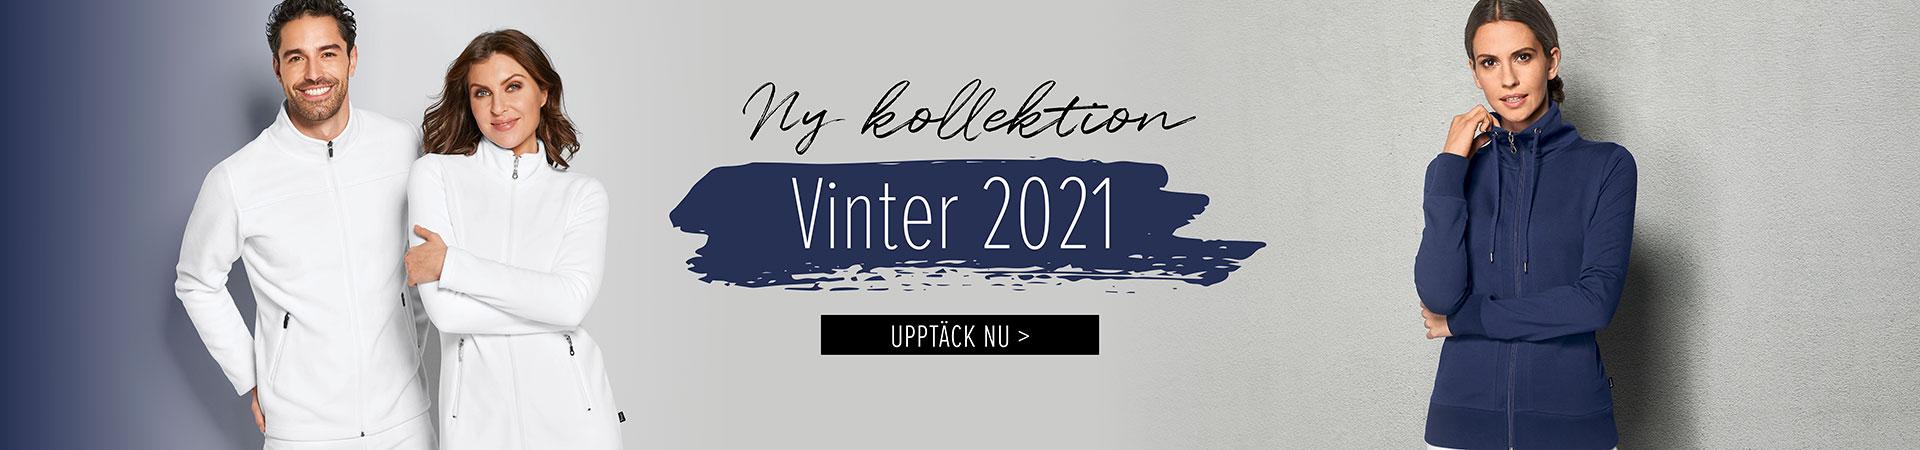 Ny kollektion Vinter 2021 - arbetskläder 7days